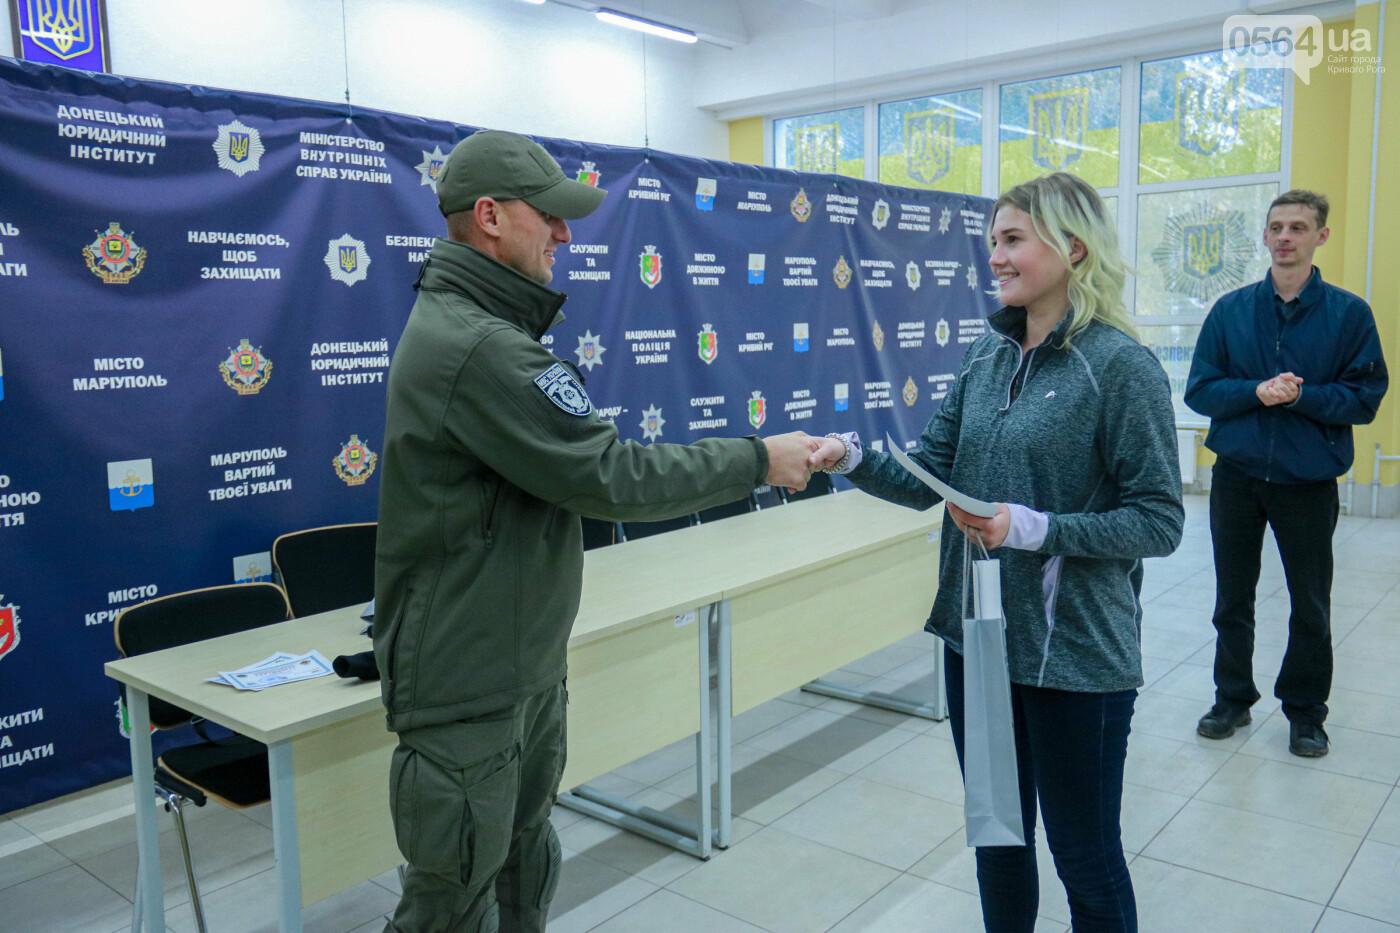 Инструкторы ДЮИ МВД обучали криворожских журналистов, как действовать в чрезвычайных ситуациях, - ФОТО, ВИДЕО , фото-12